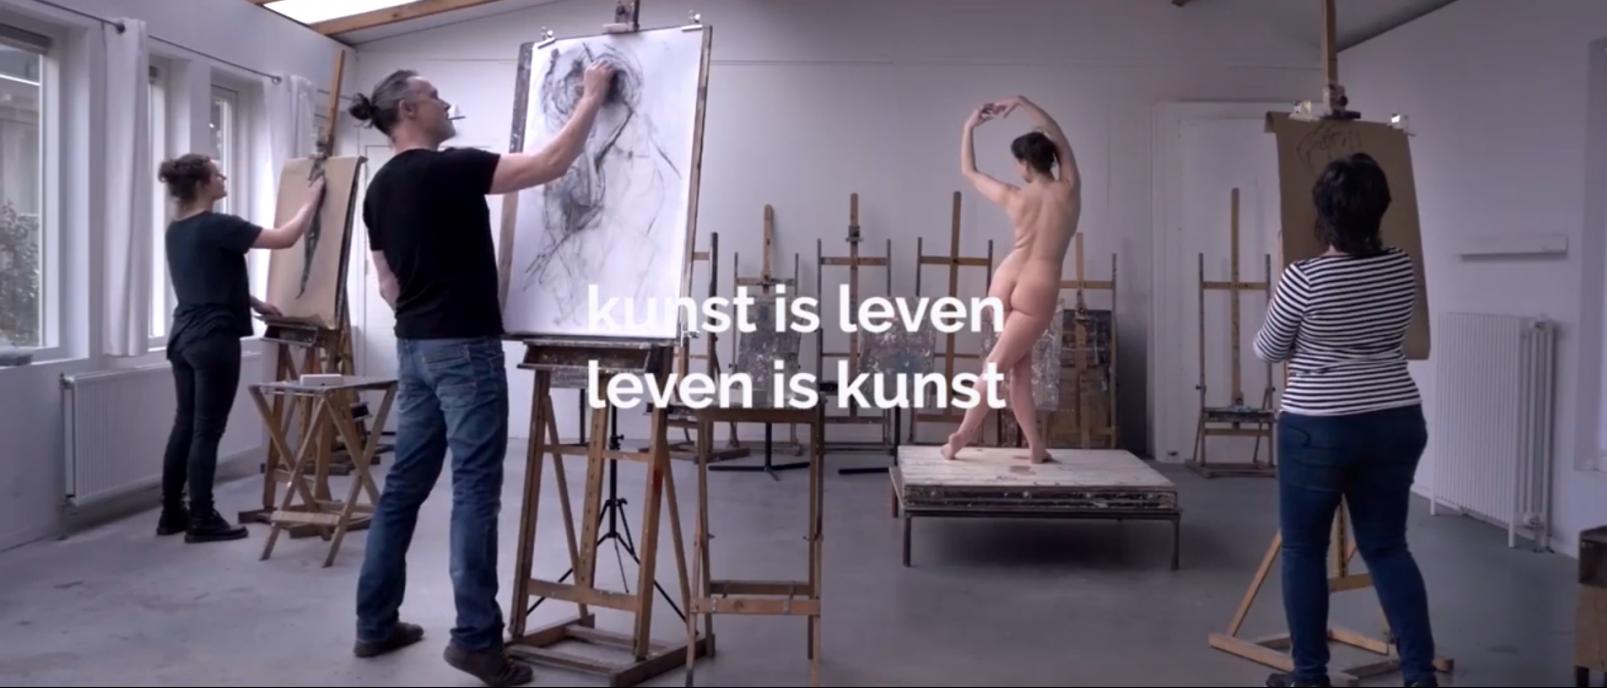 Sfeerbeeld van De Gooise Academie in Laren met op deze foto een tekencursus met vrouwelijk model te zien.